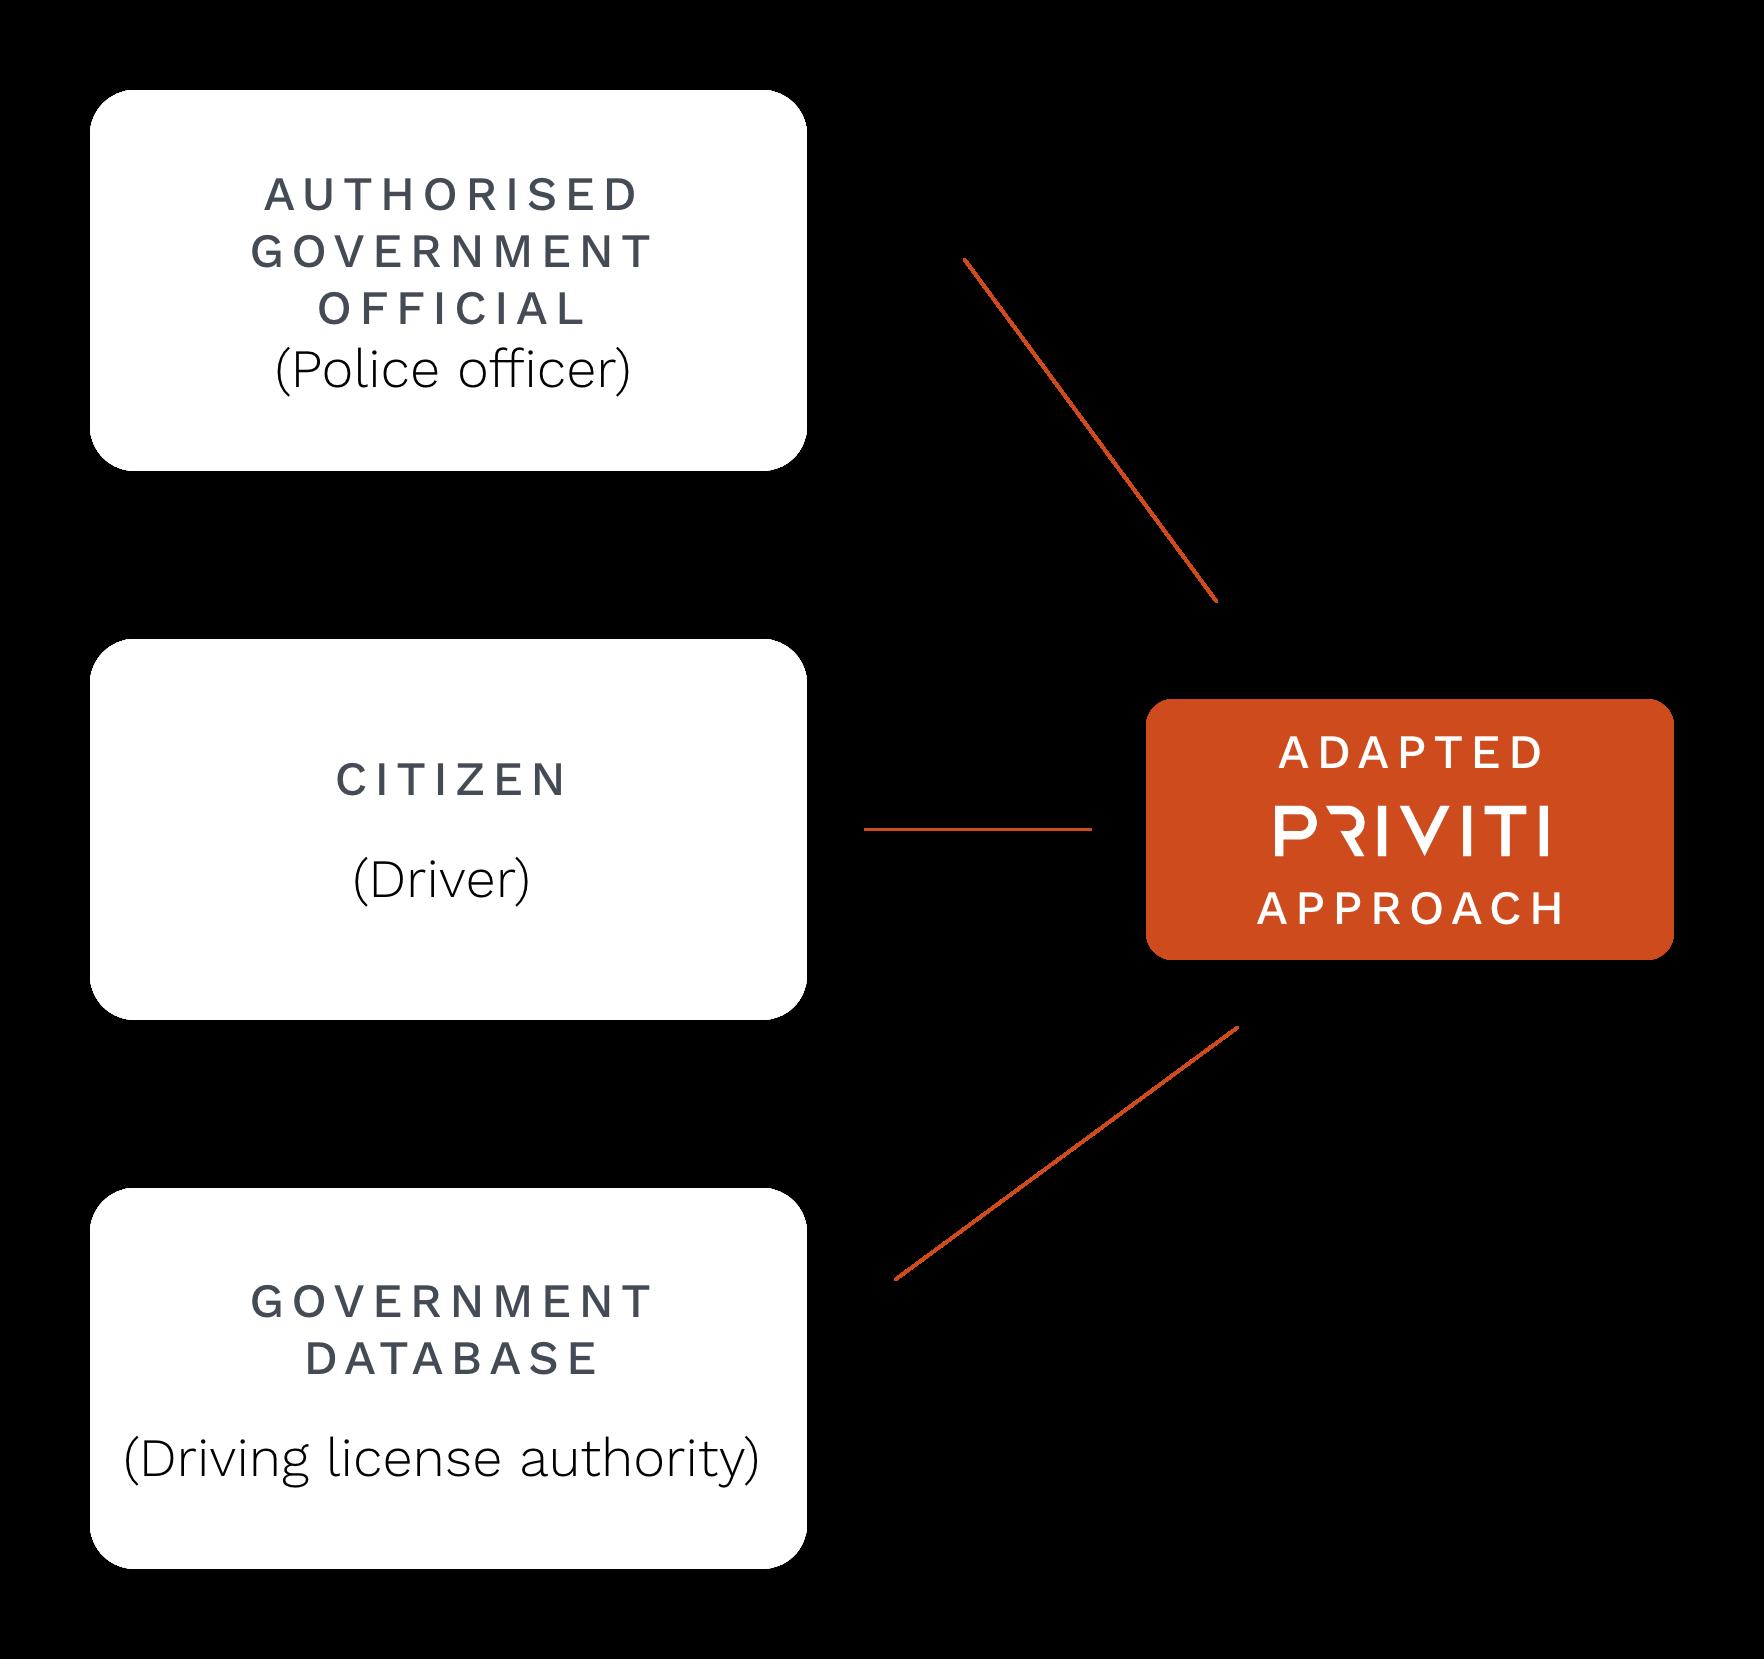 Priviti-Government graphic@3x